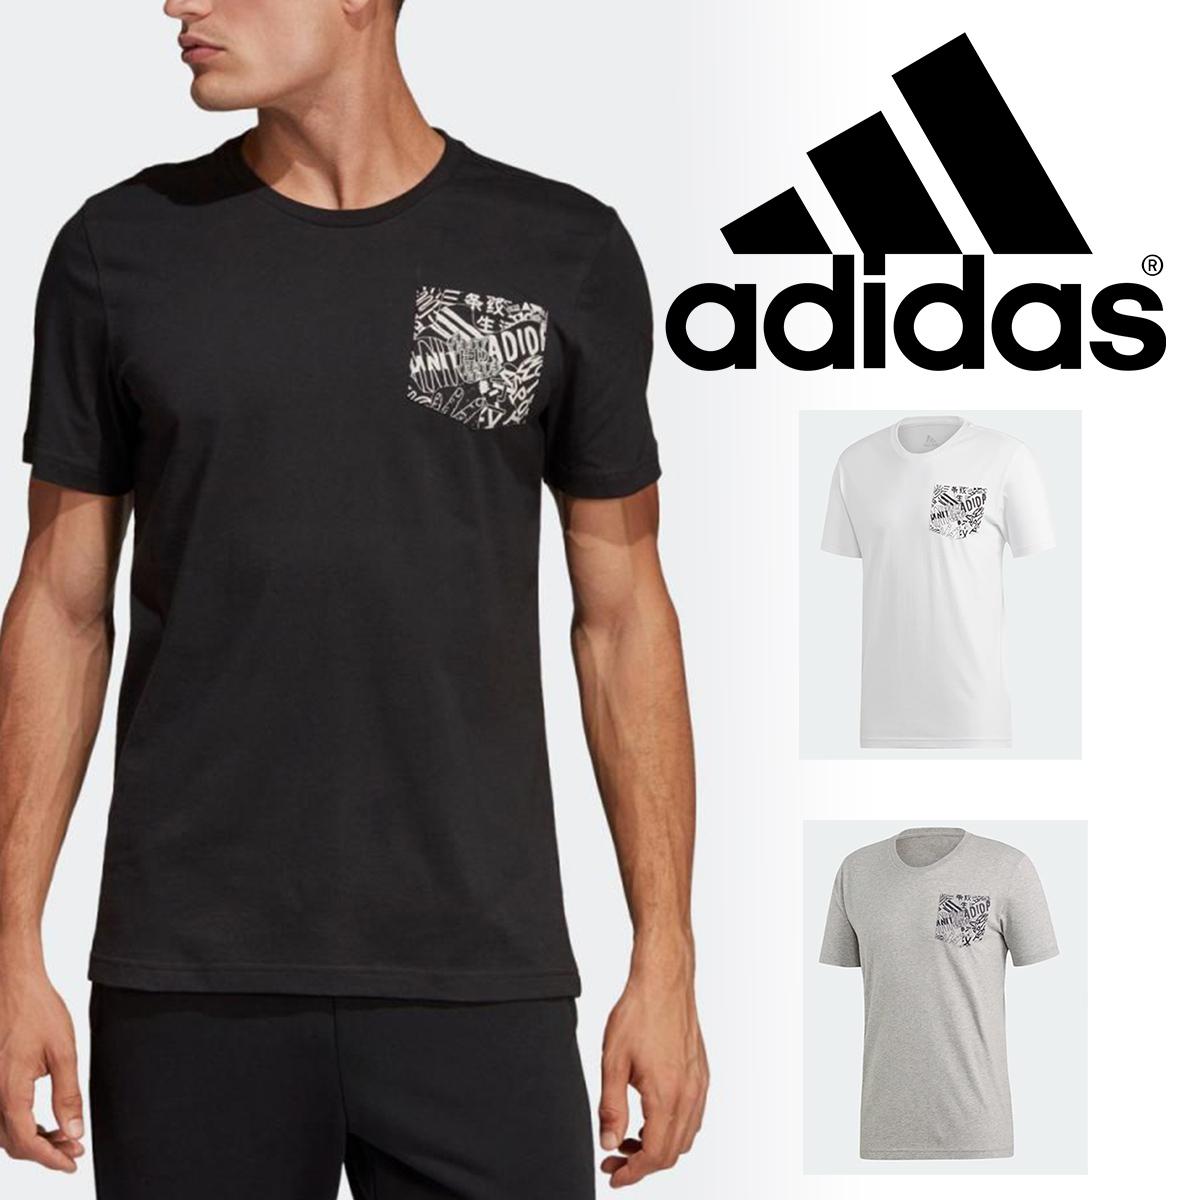 アディダス 国内正規品 送料無料 adidas M 人気 おすすめ 登場大人気アイテム メンズ MUSTHAVES ポケットTシャツ